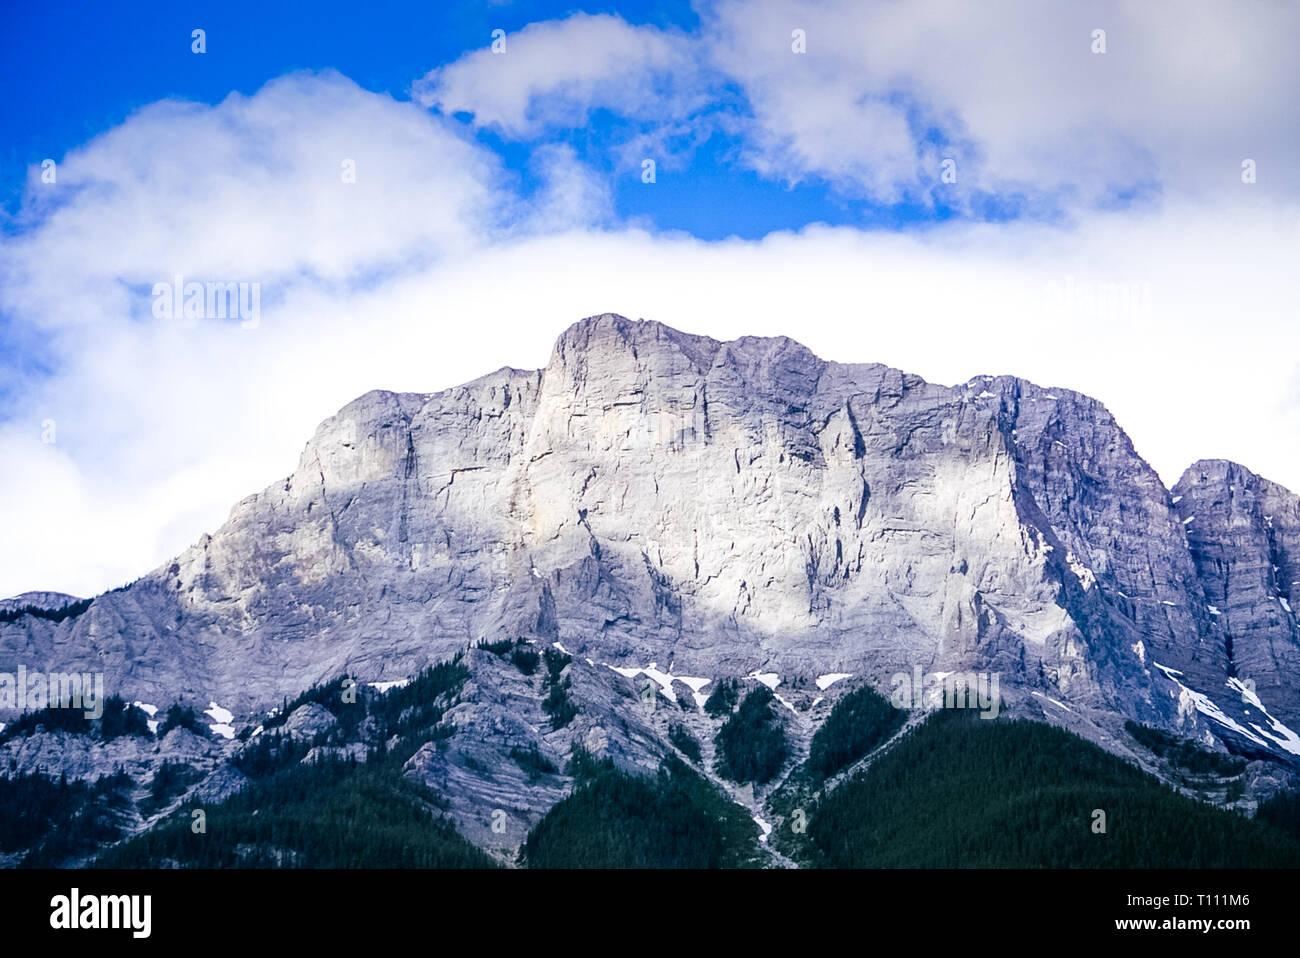 Una vista de las Tres Hermanas montaña mirando hacia arriba desde el sendero. Foto de stock